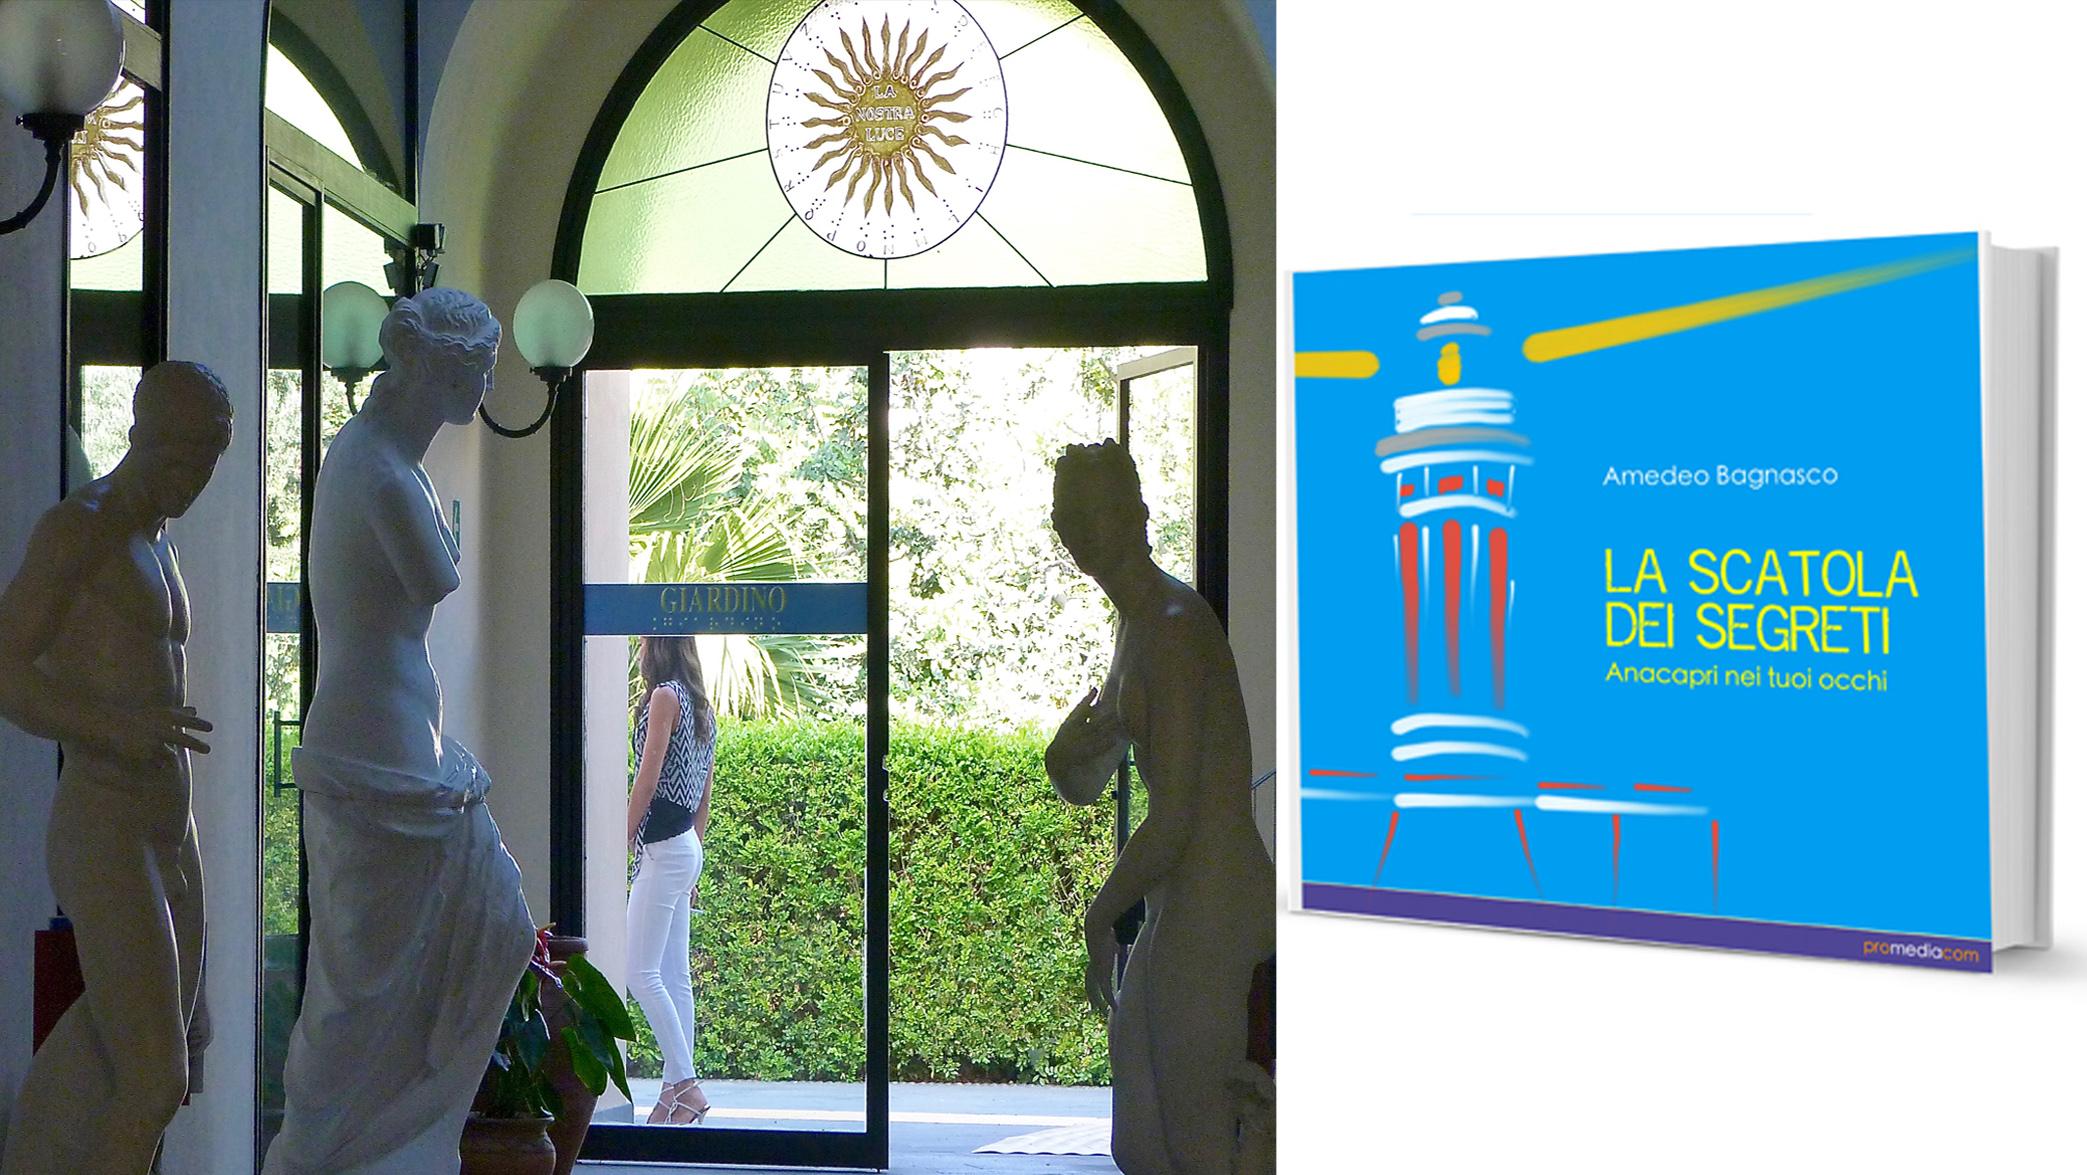 """Da Capri a Catania, """"La Scatola dei Segreti"""" di Amedeo Bagnasco collega le due Isole nel segno della Cultura e della Solidarietà."""